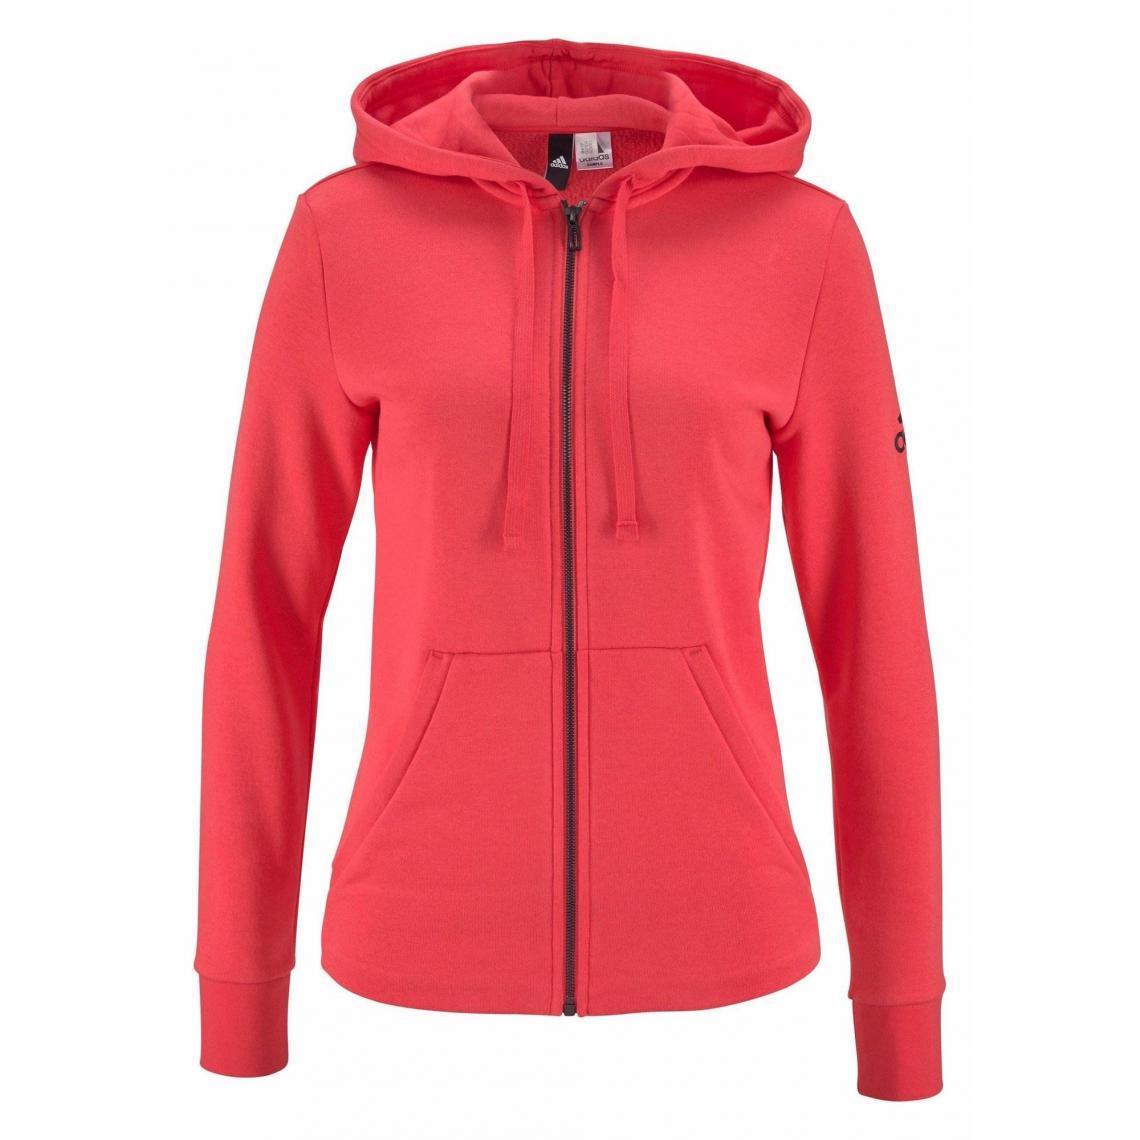 Sweat zippé manches longues à capuche femme Essentials Solid adidas Performance Rouge